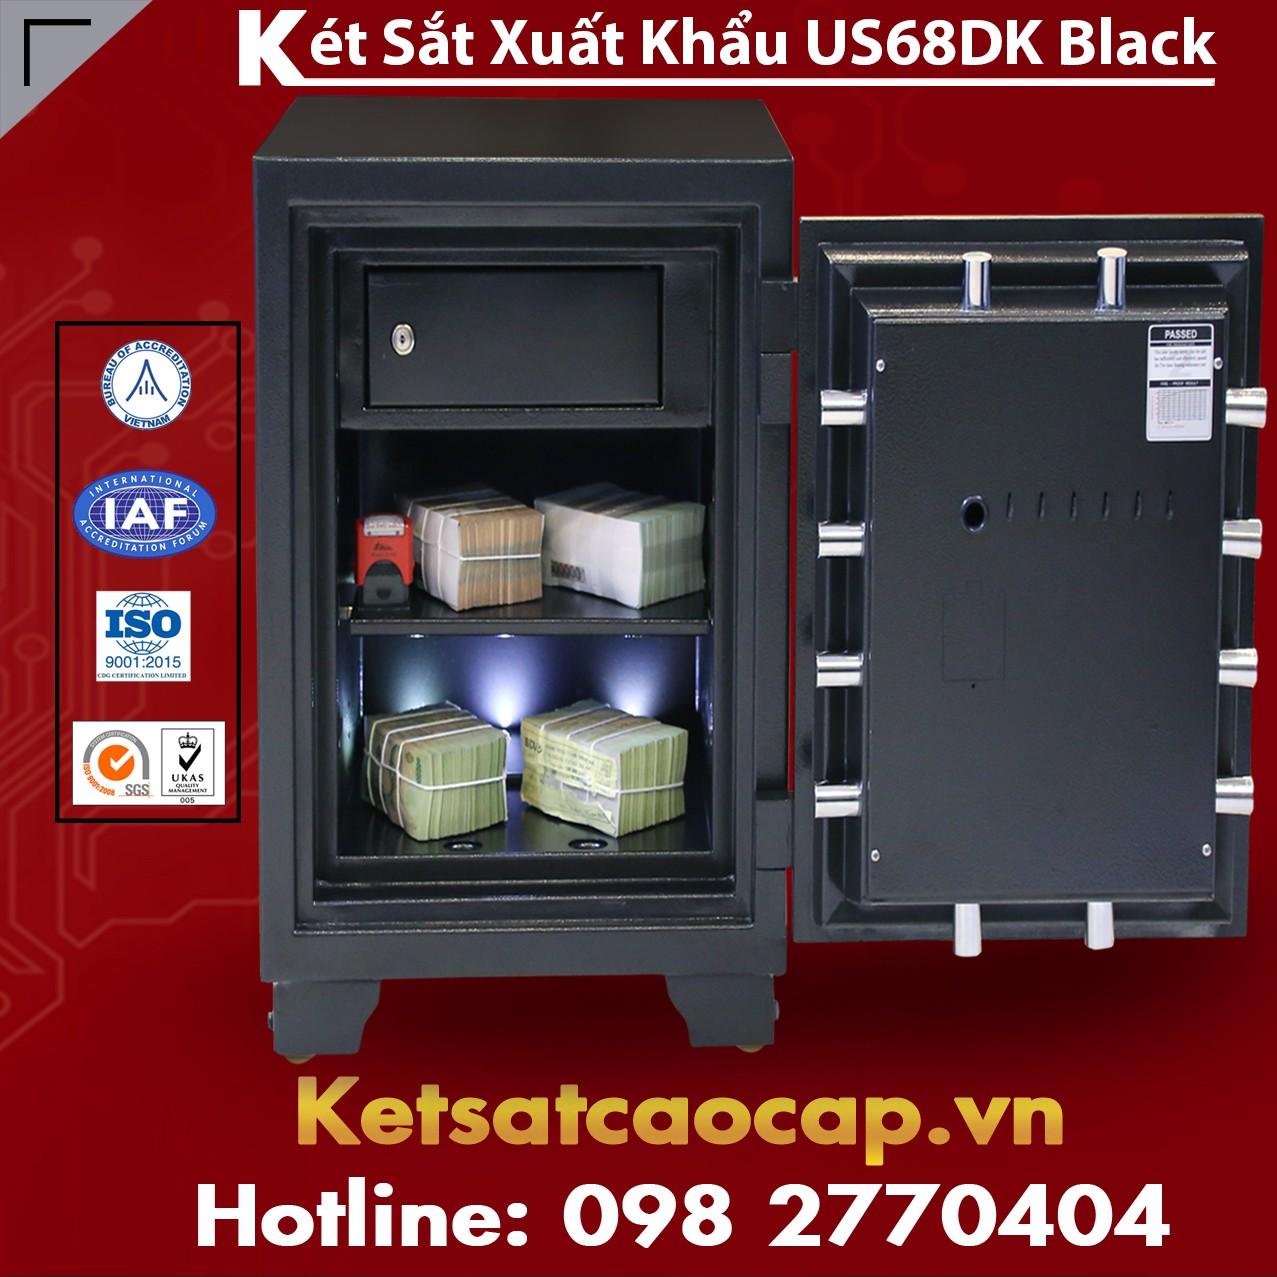 Két Sắt Xuất Khẩu US 68 DK Black An Toàn, Tiện Lợi, Bảo Hành Trọn Đời